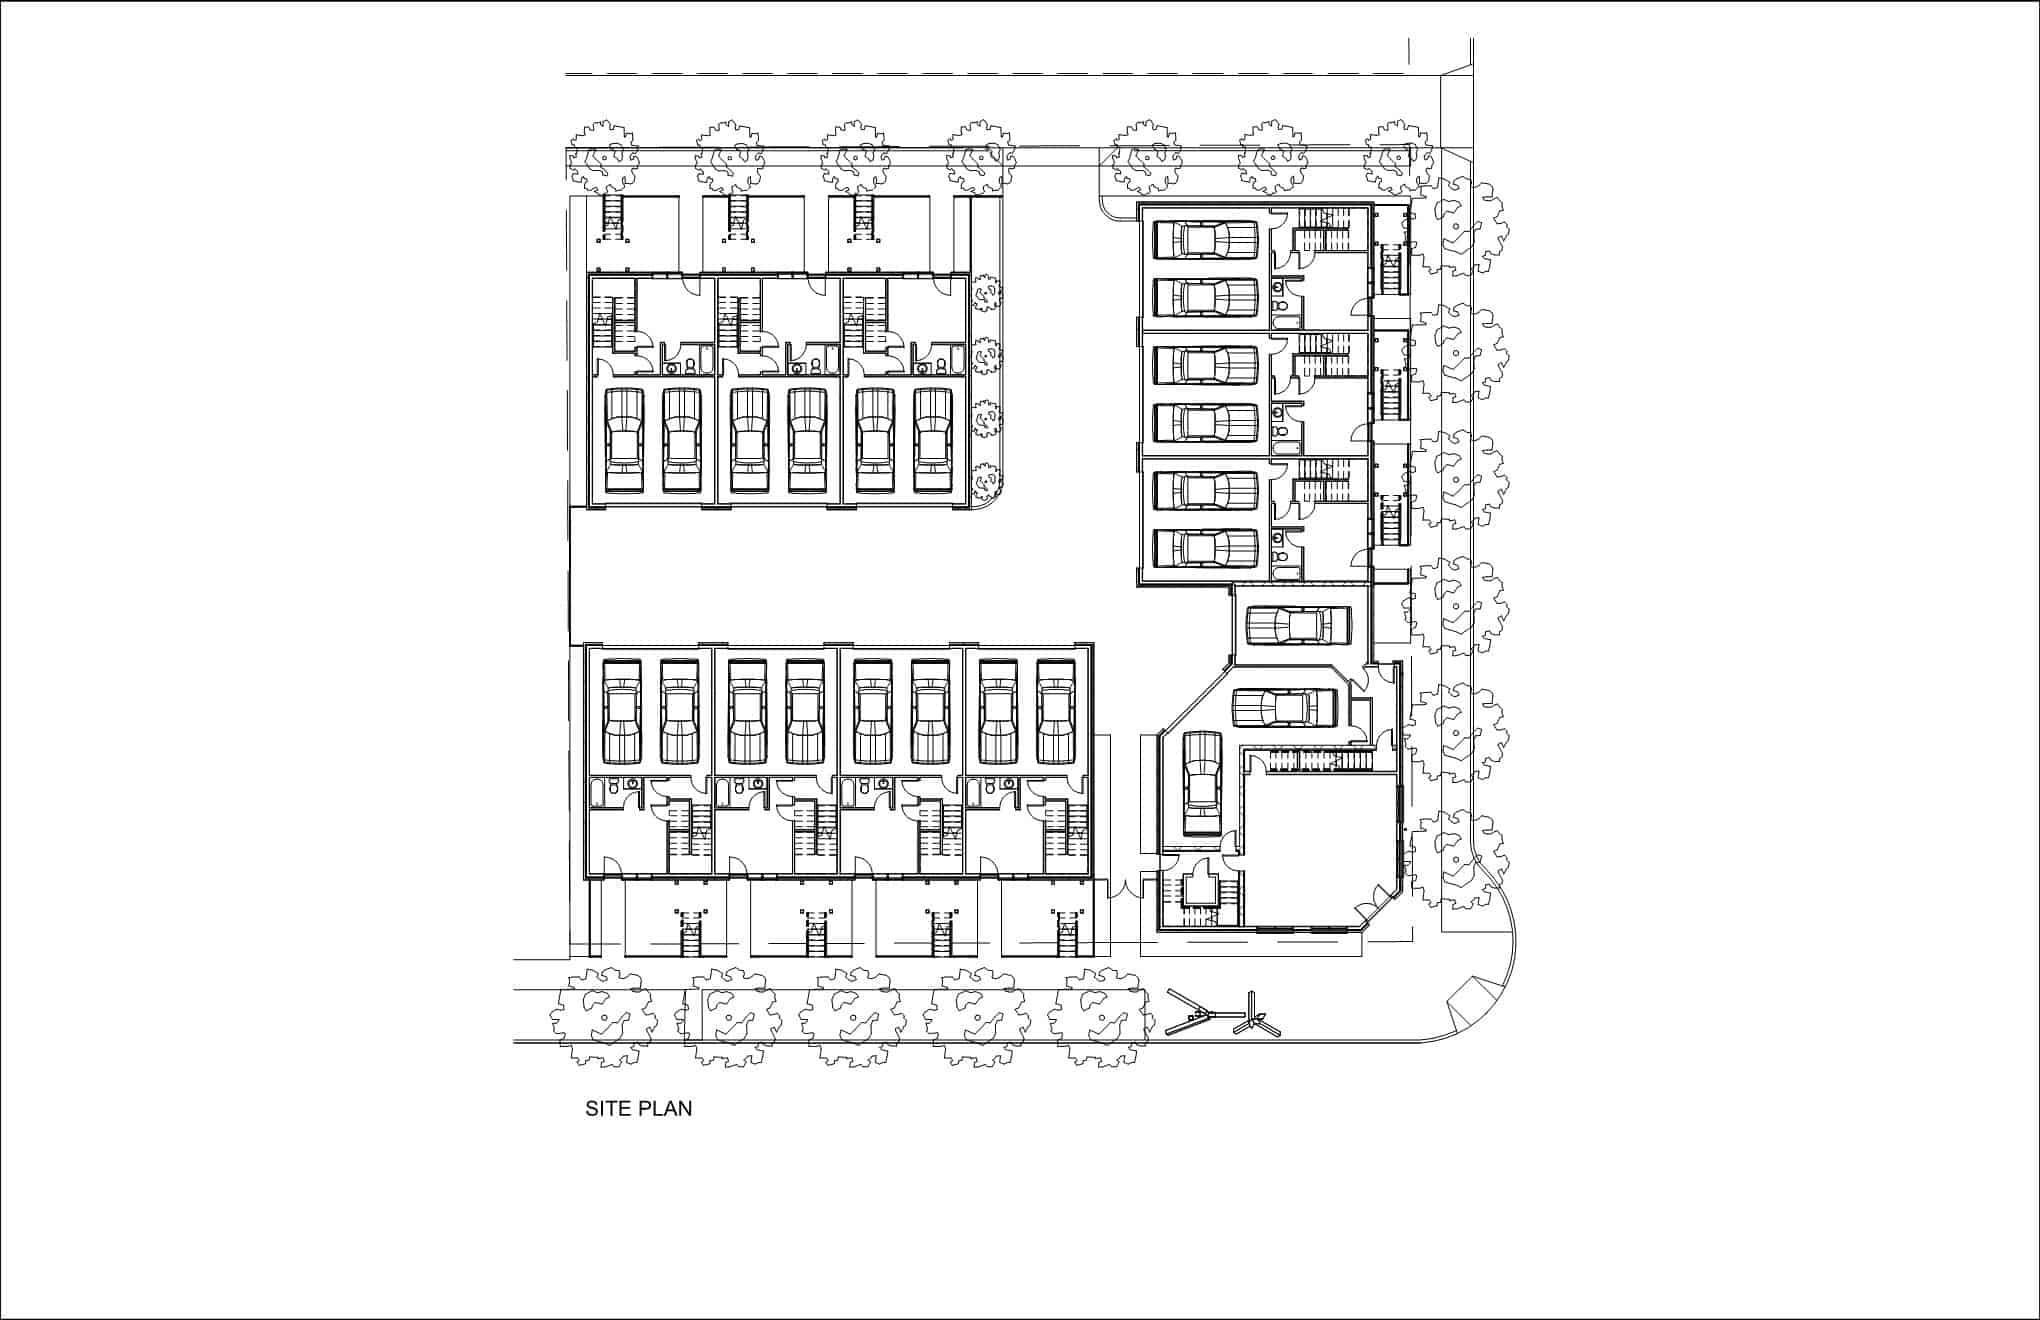 18-017-Main-Fagan-Page-001